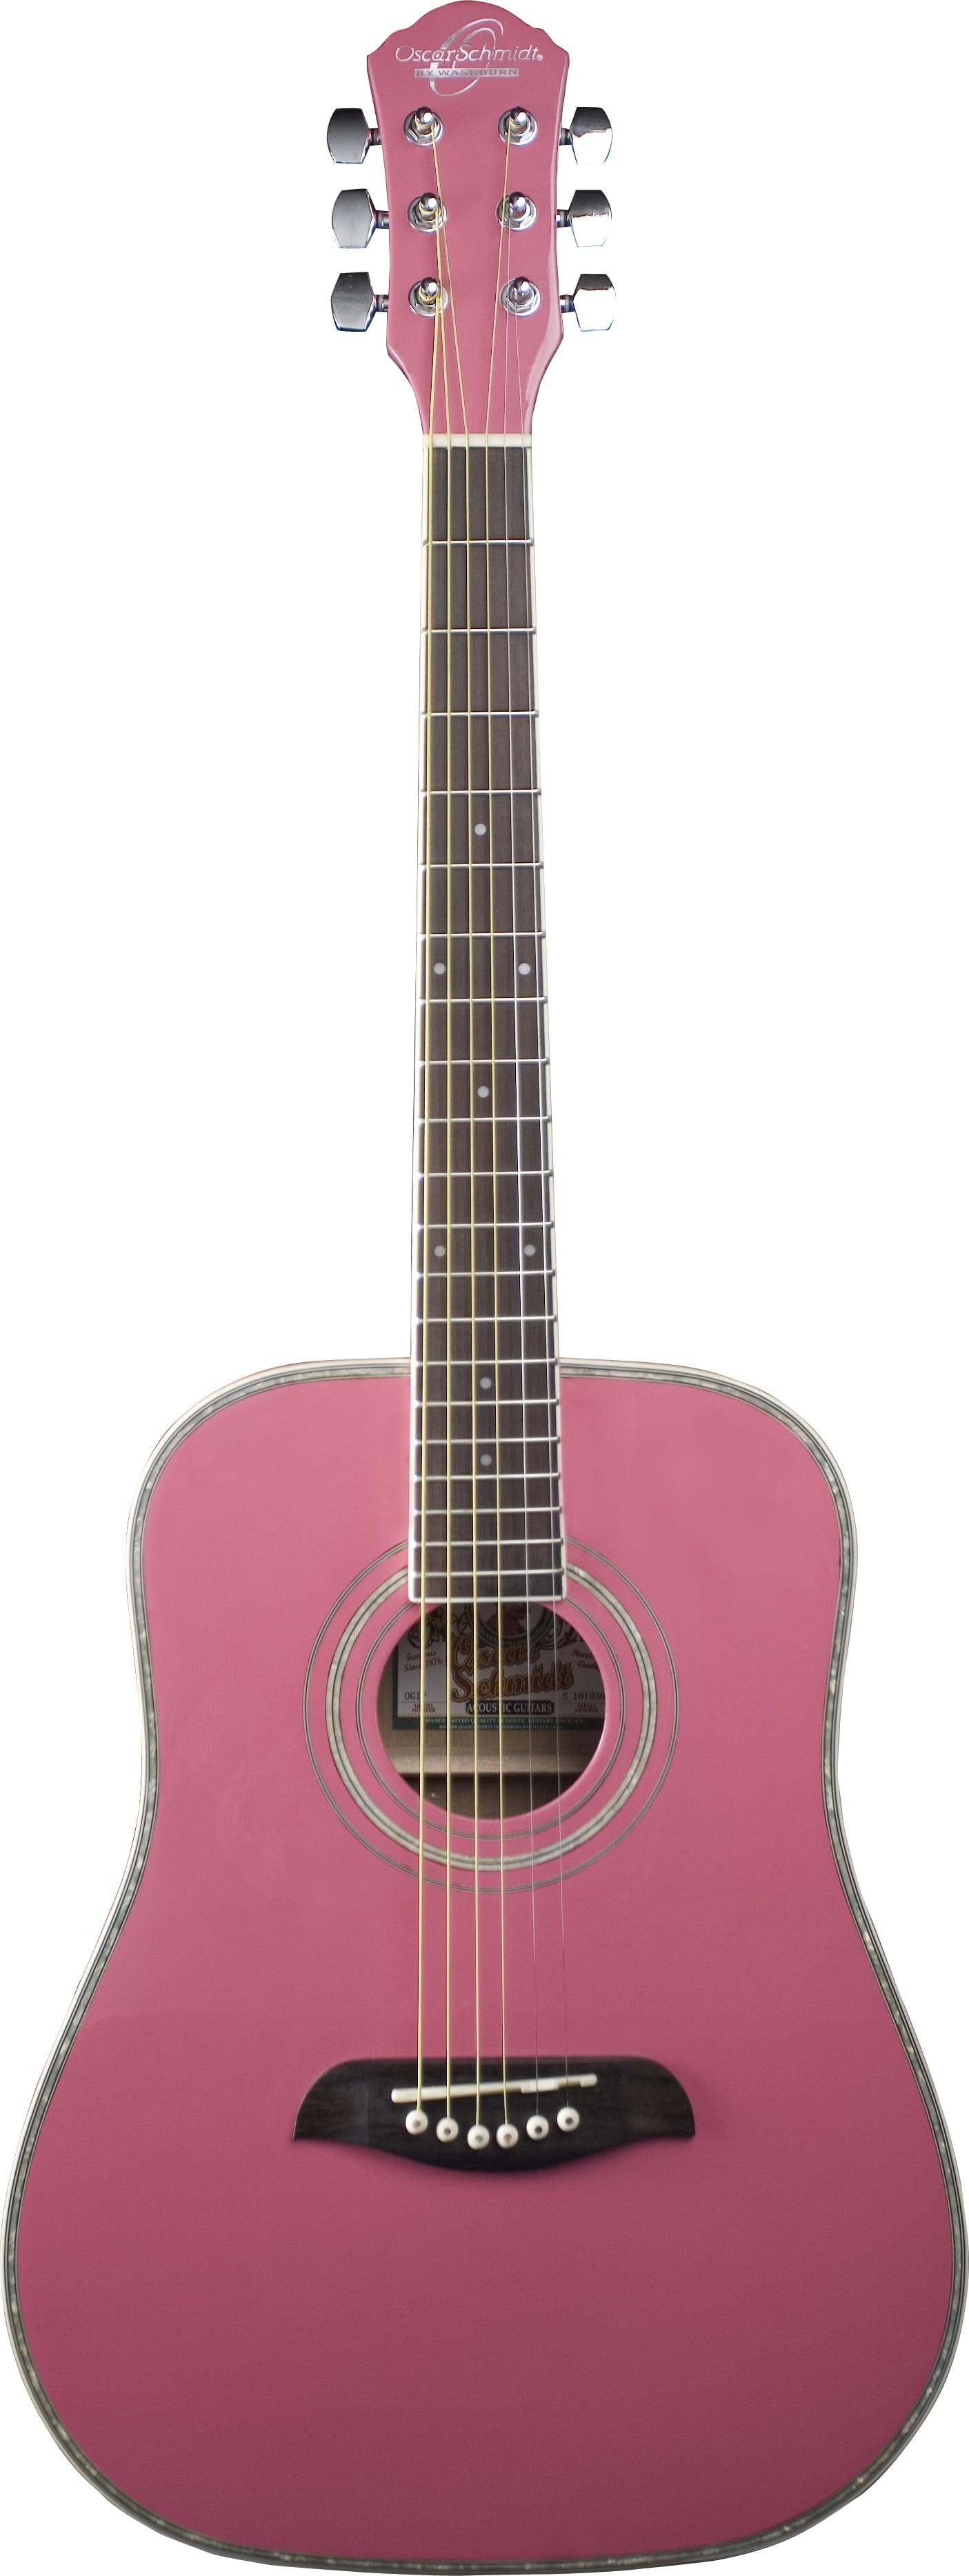 Oscar Schmidt OG1P 3/4 Size Acoustic Guitar - Pink